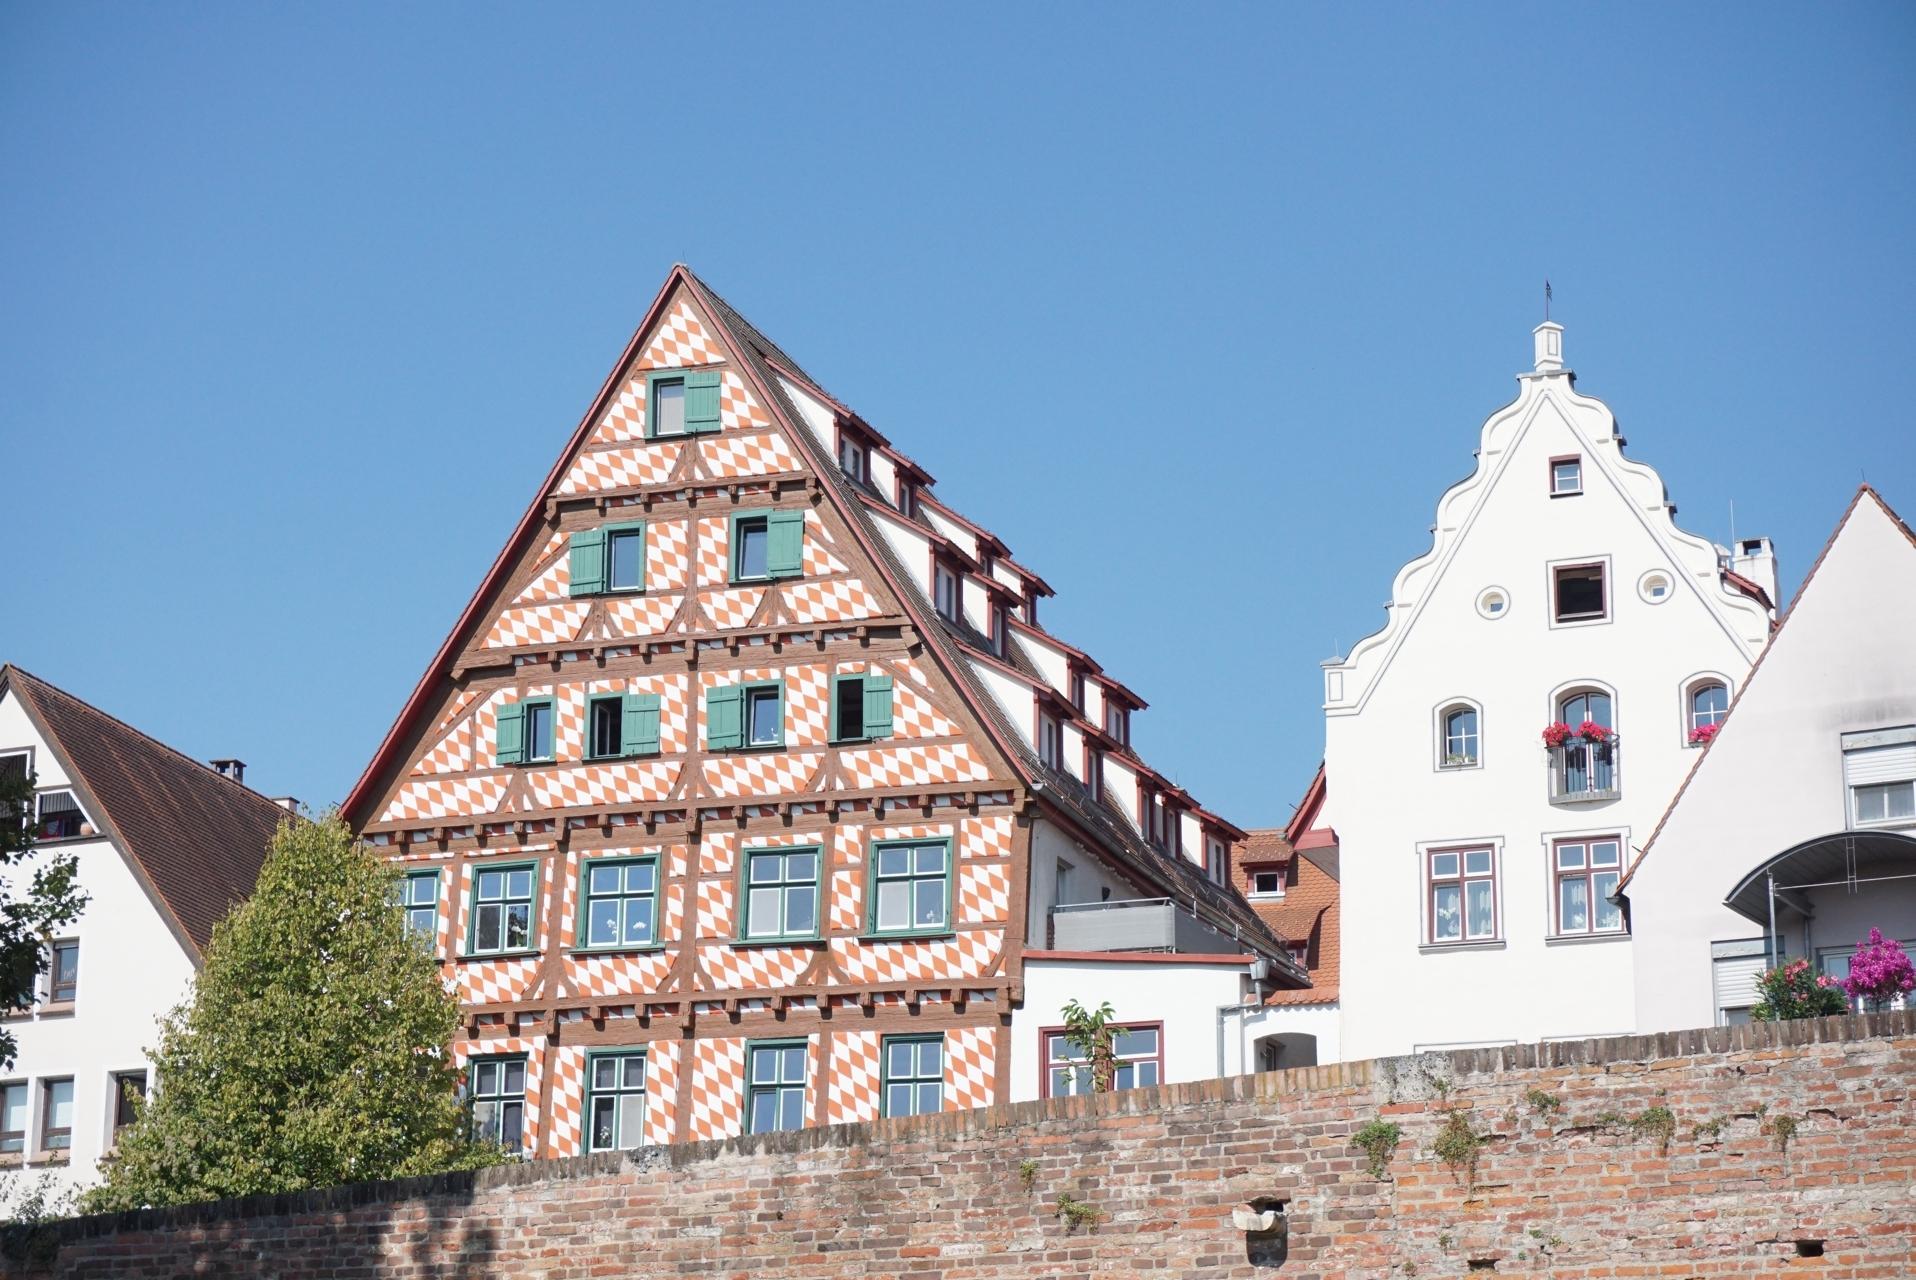 Verkauft - Altbau Eigentumswohnung in Ulm an der Donau